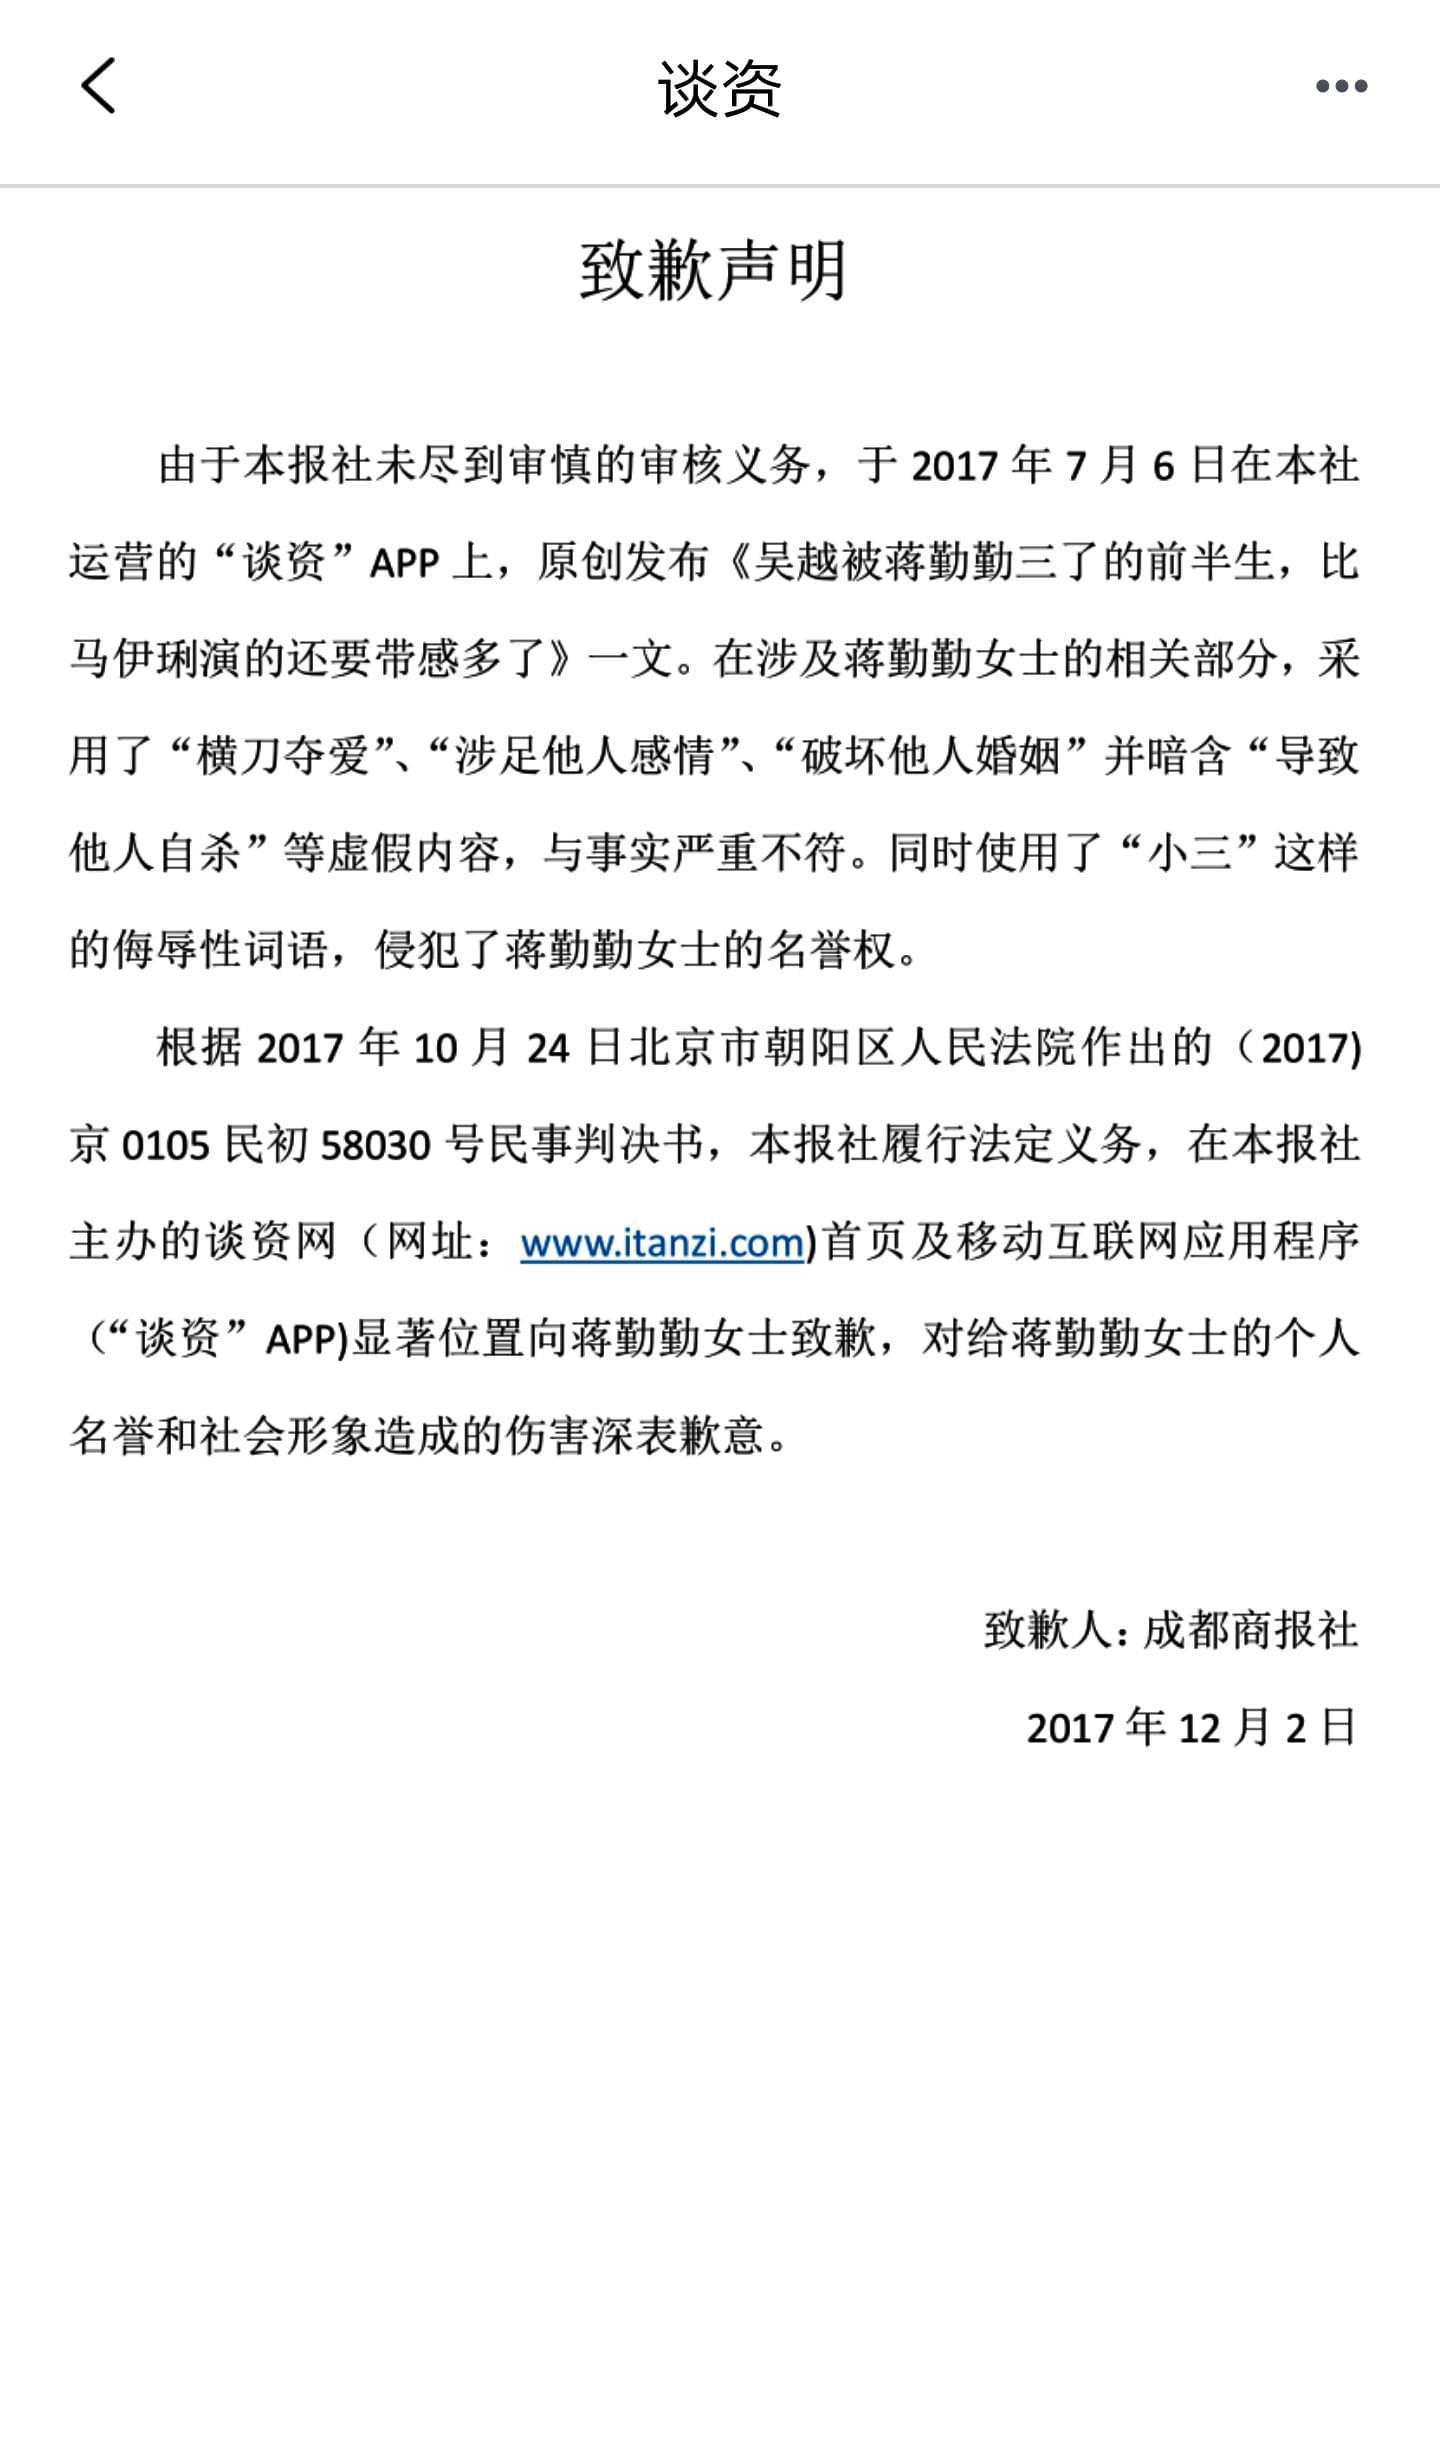 蒋勤勤名誉权案胜诉造谣者被判道歉赔偿